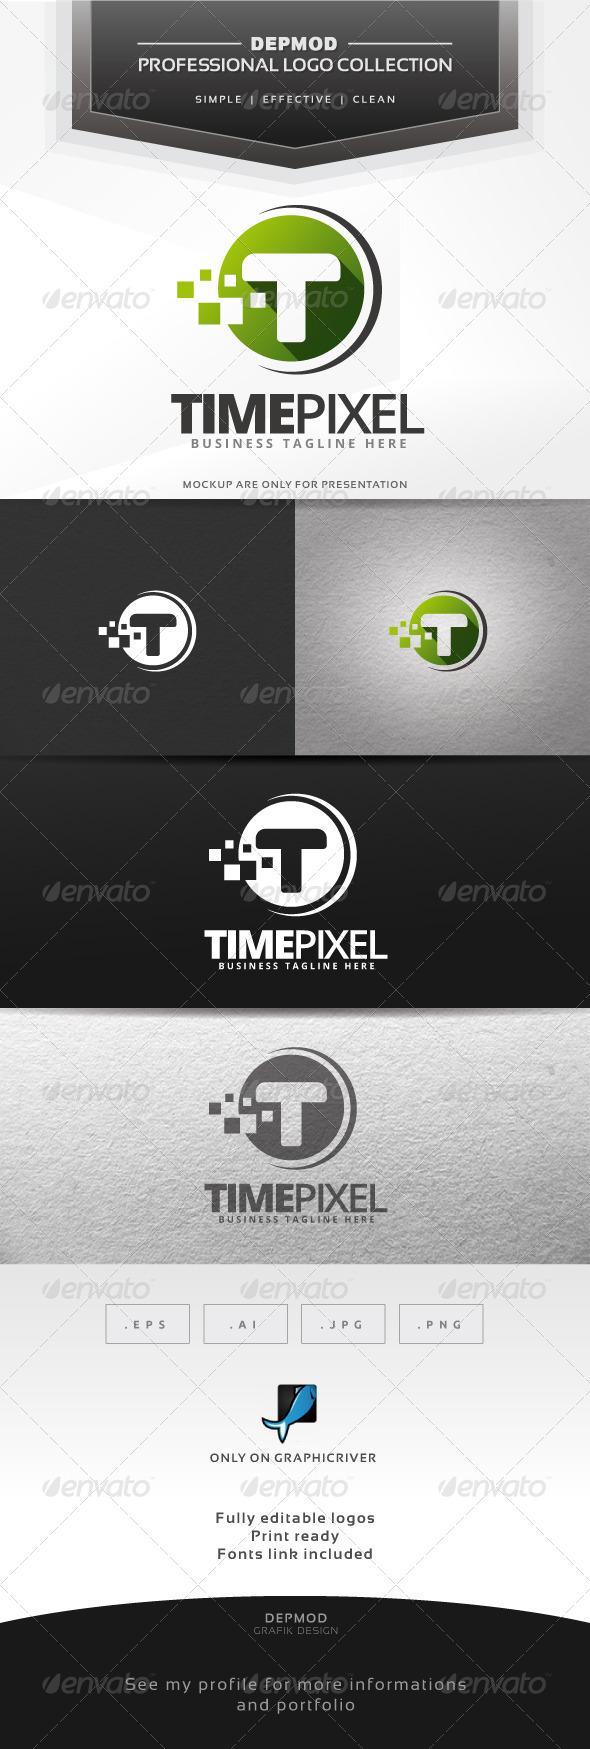 Time Pixel Logo